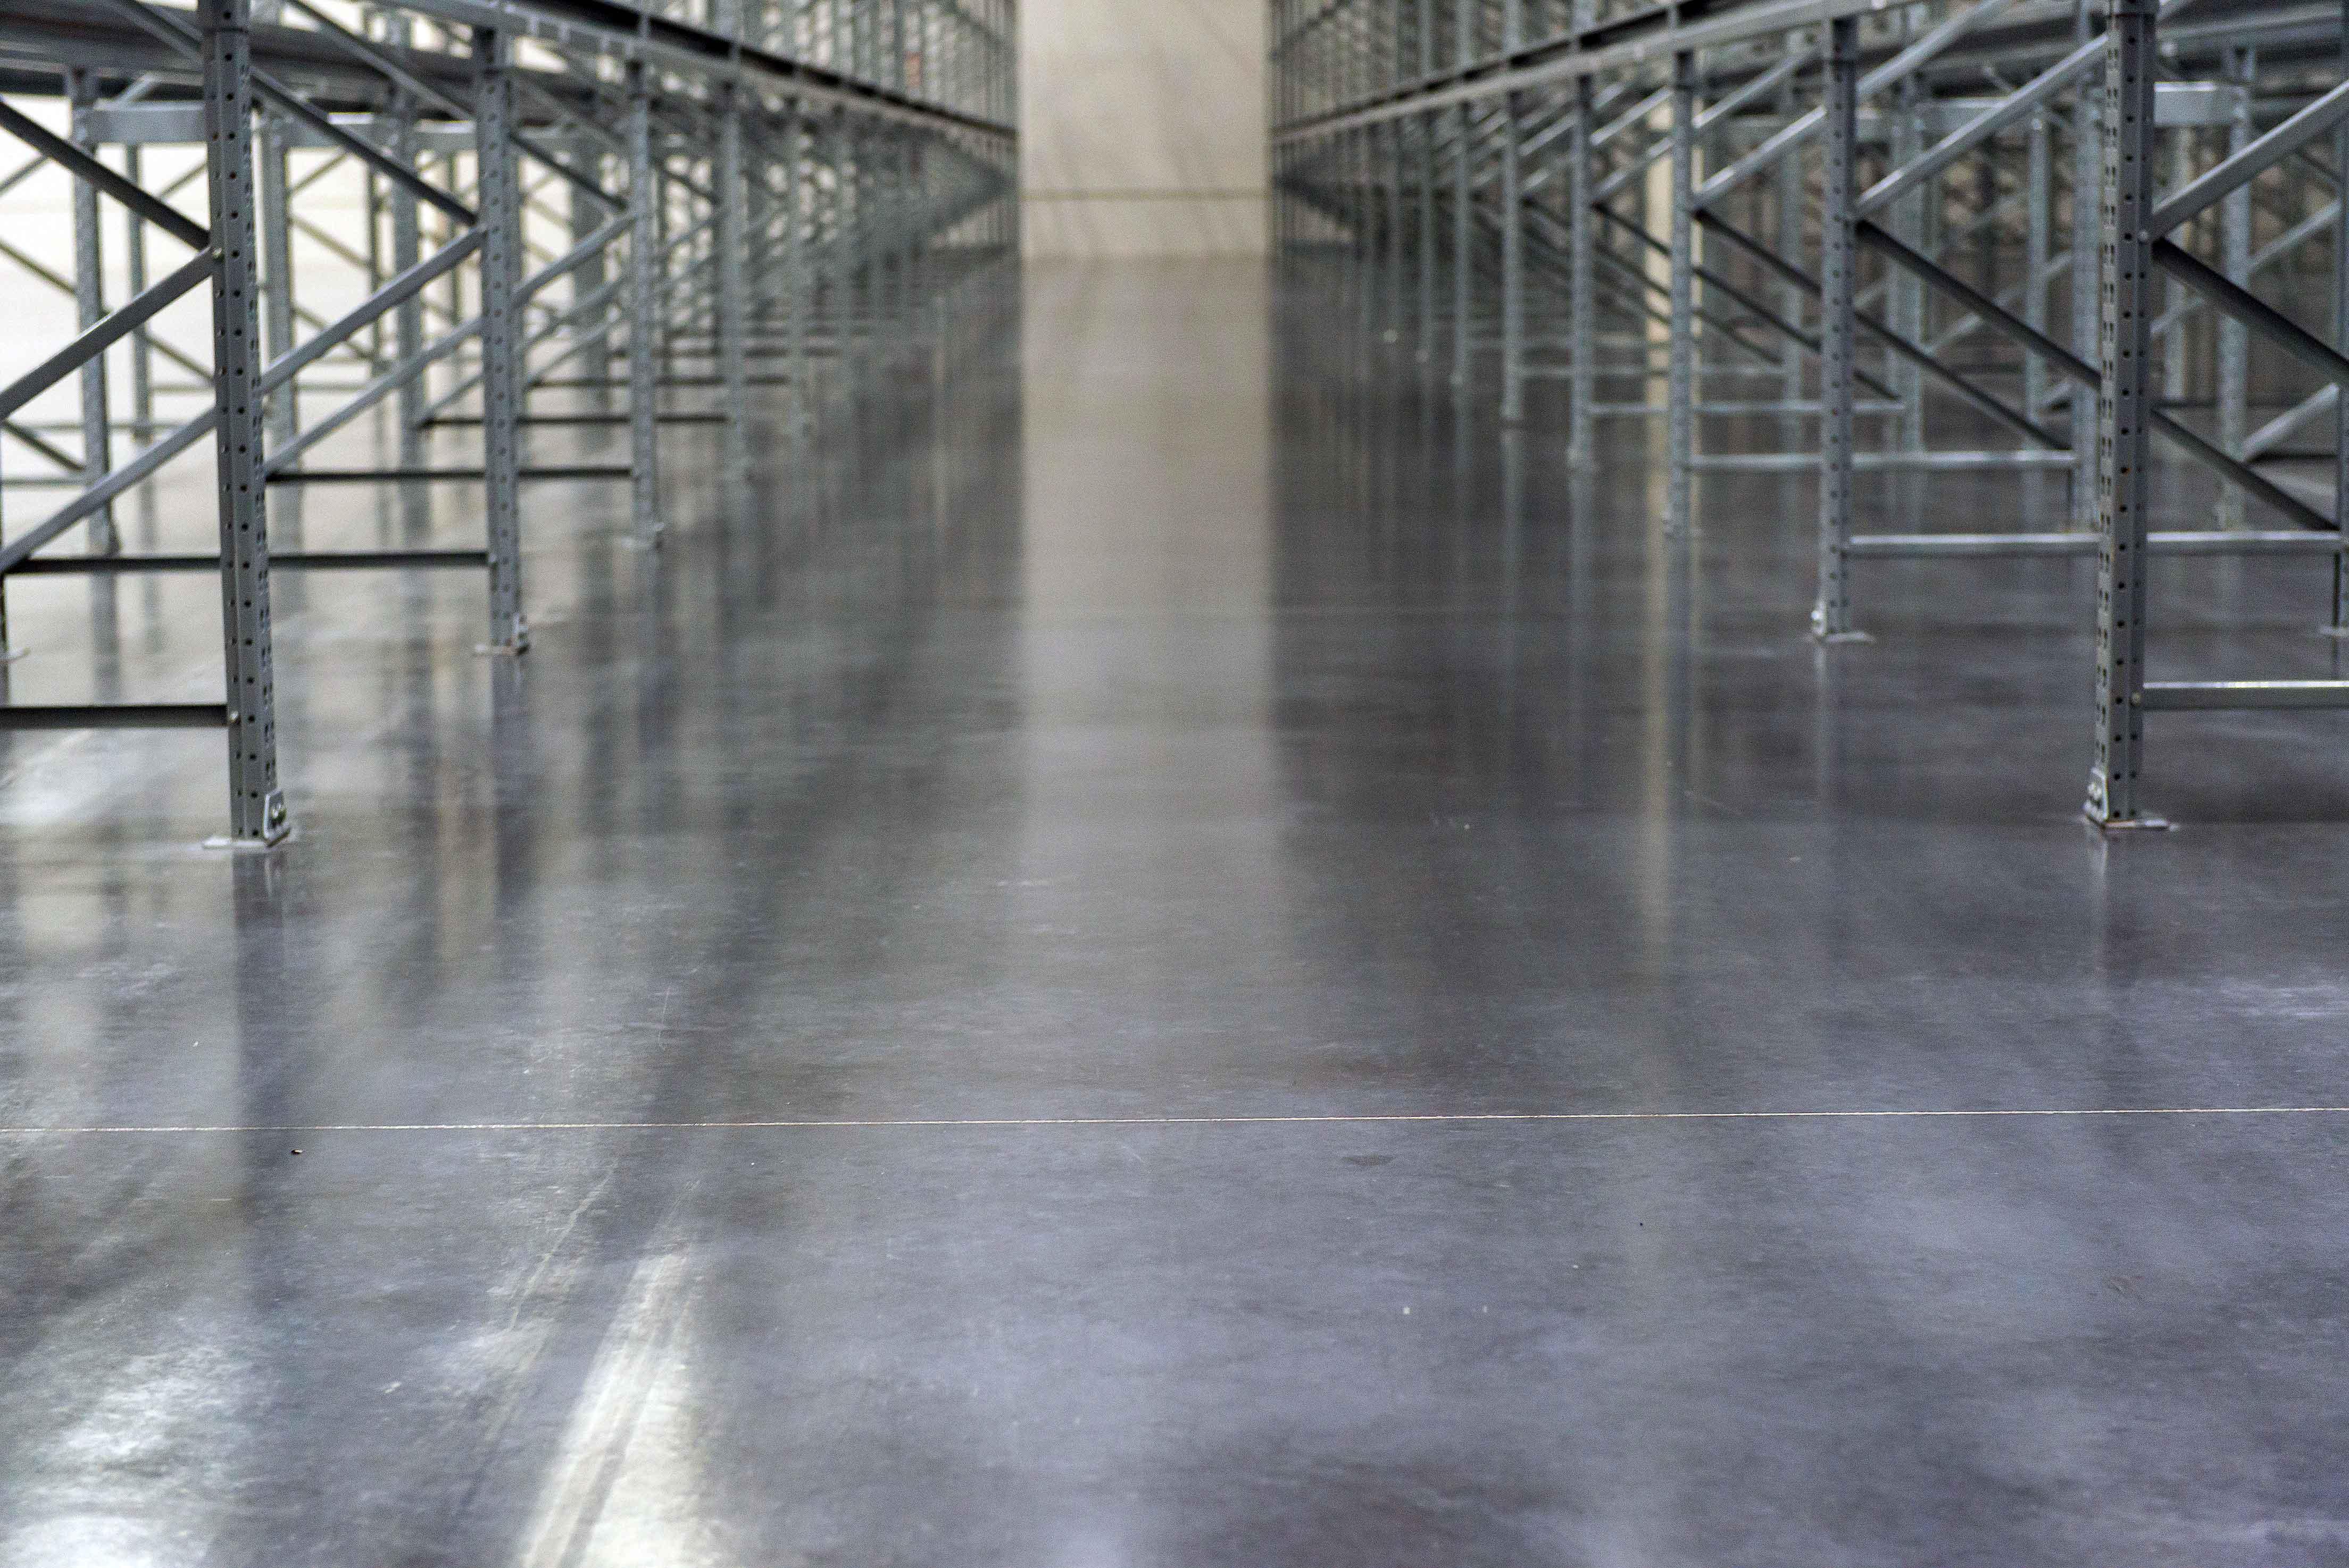 Piso construído no centro de distribuição do Grupo Tramontina, em Garibaldi-RS, bateu recorde mundial de nivelamento